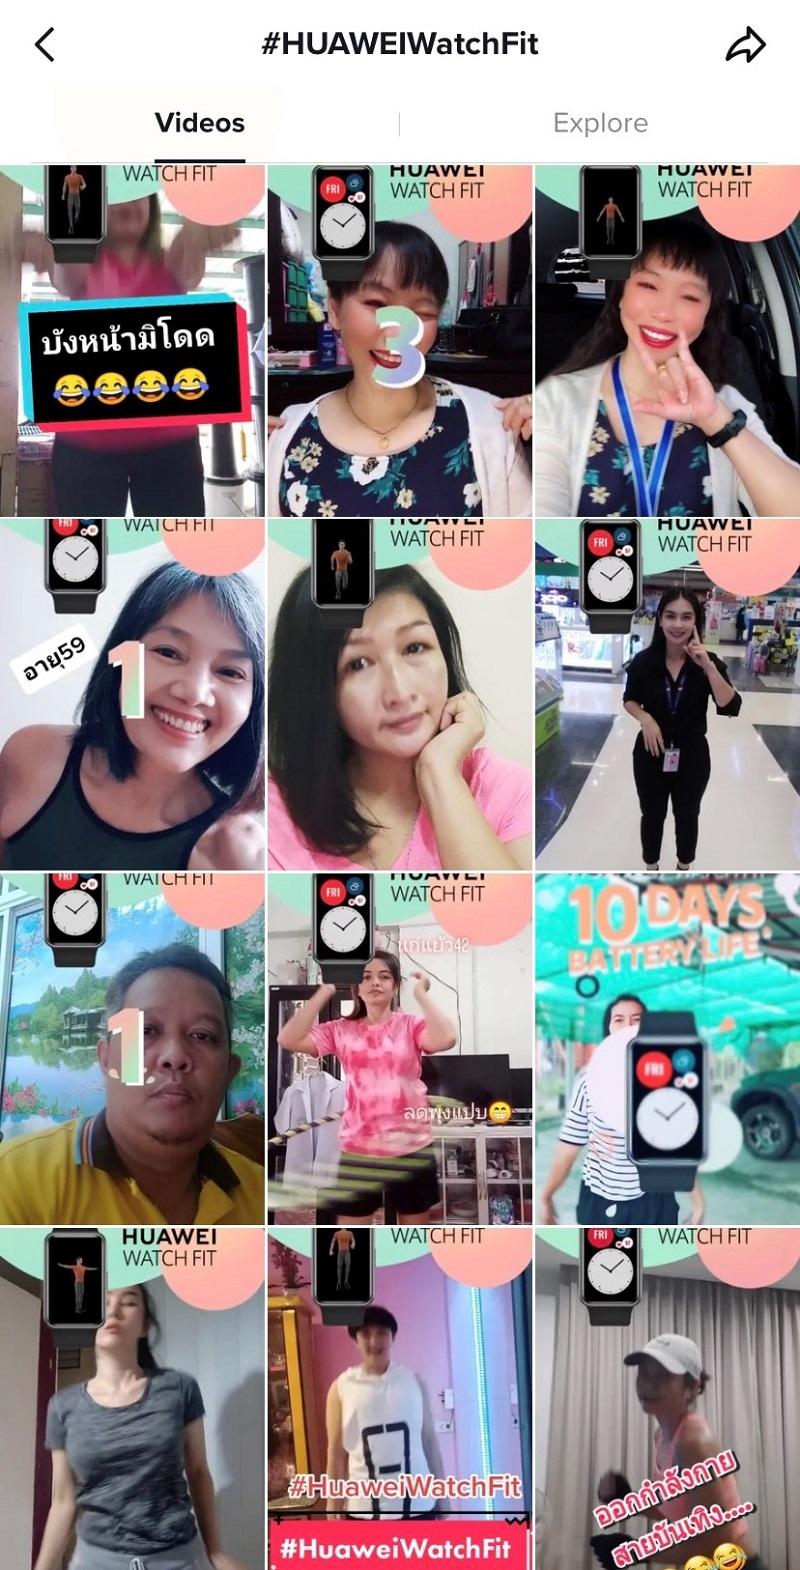 04 Campaign on TikTok 2